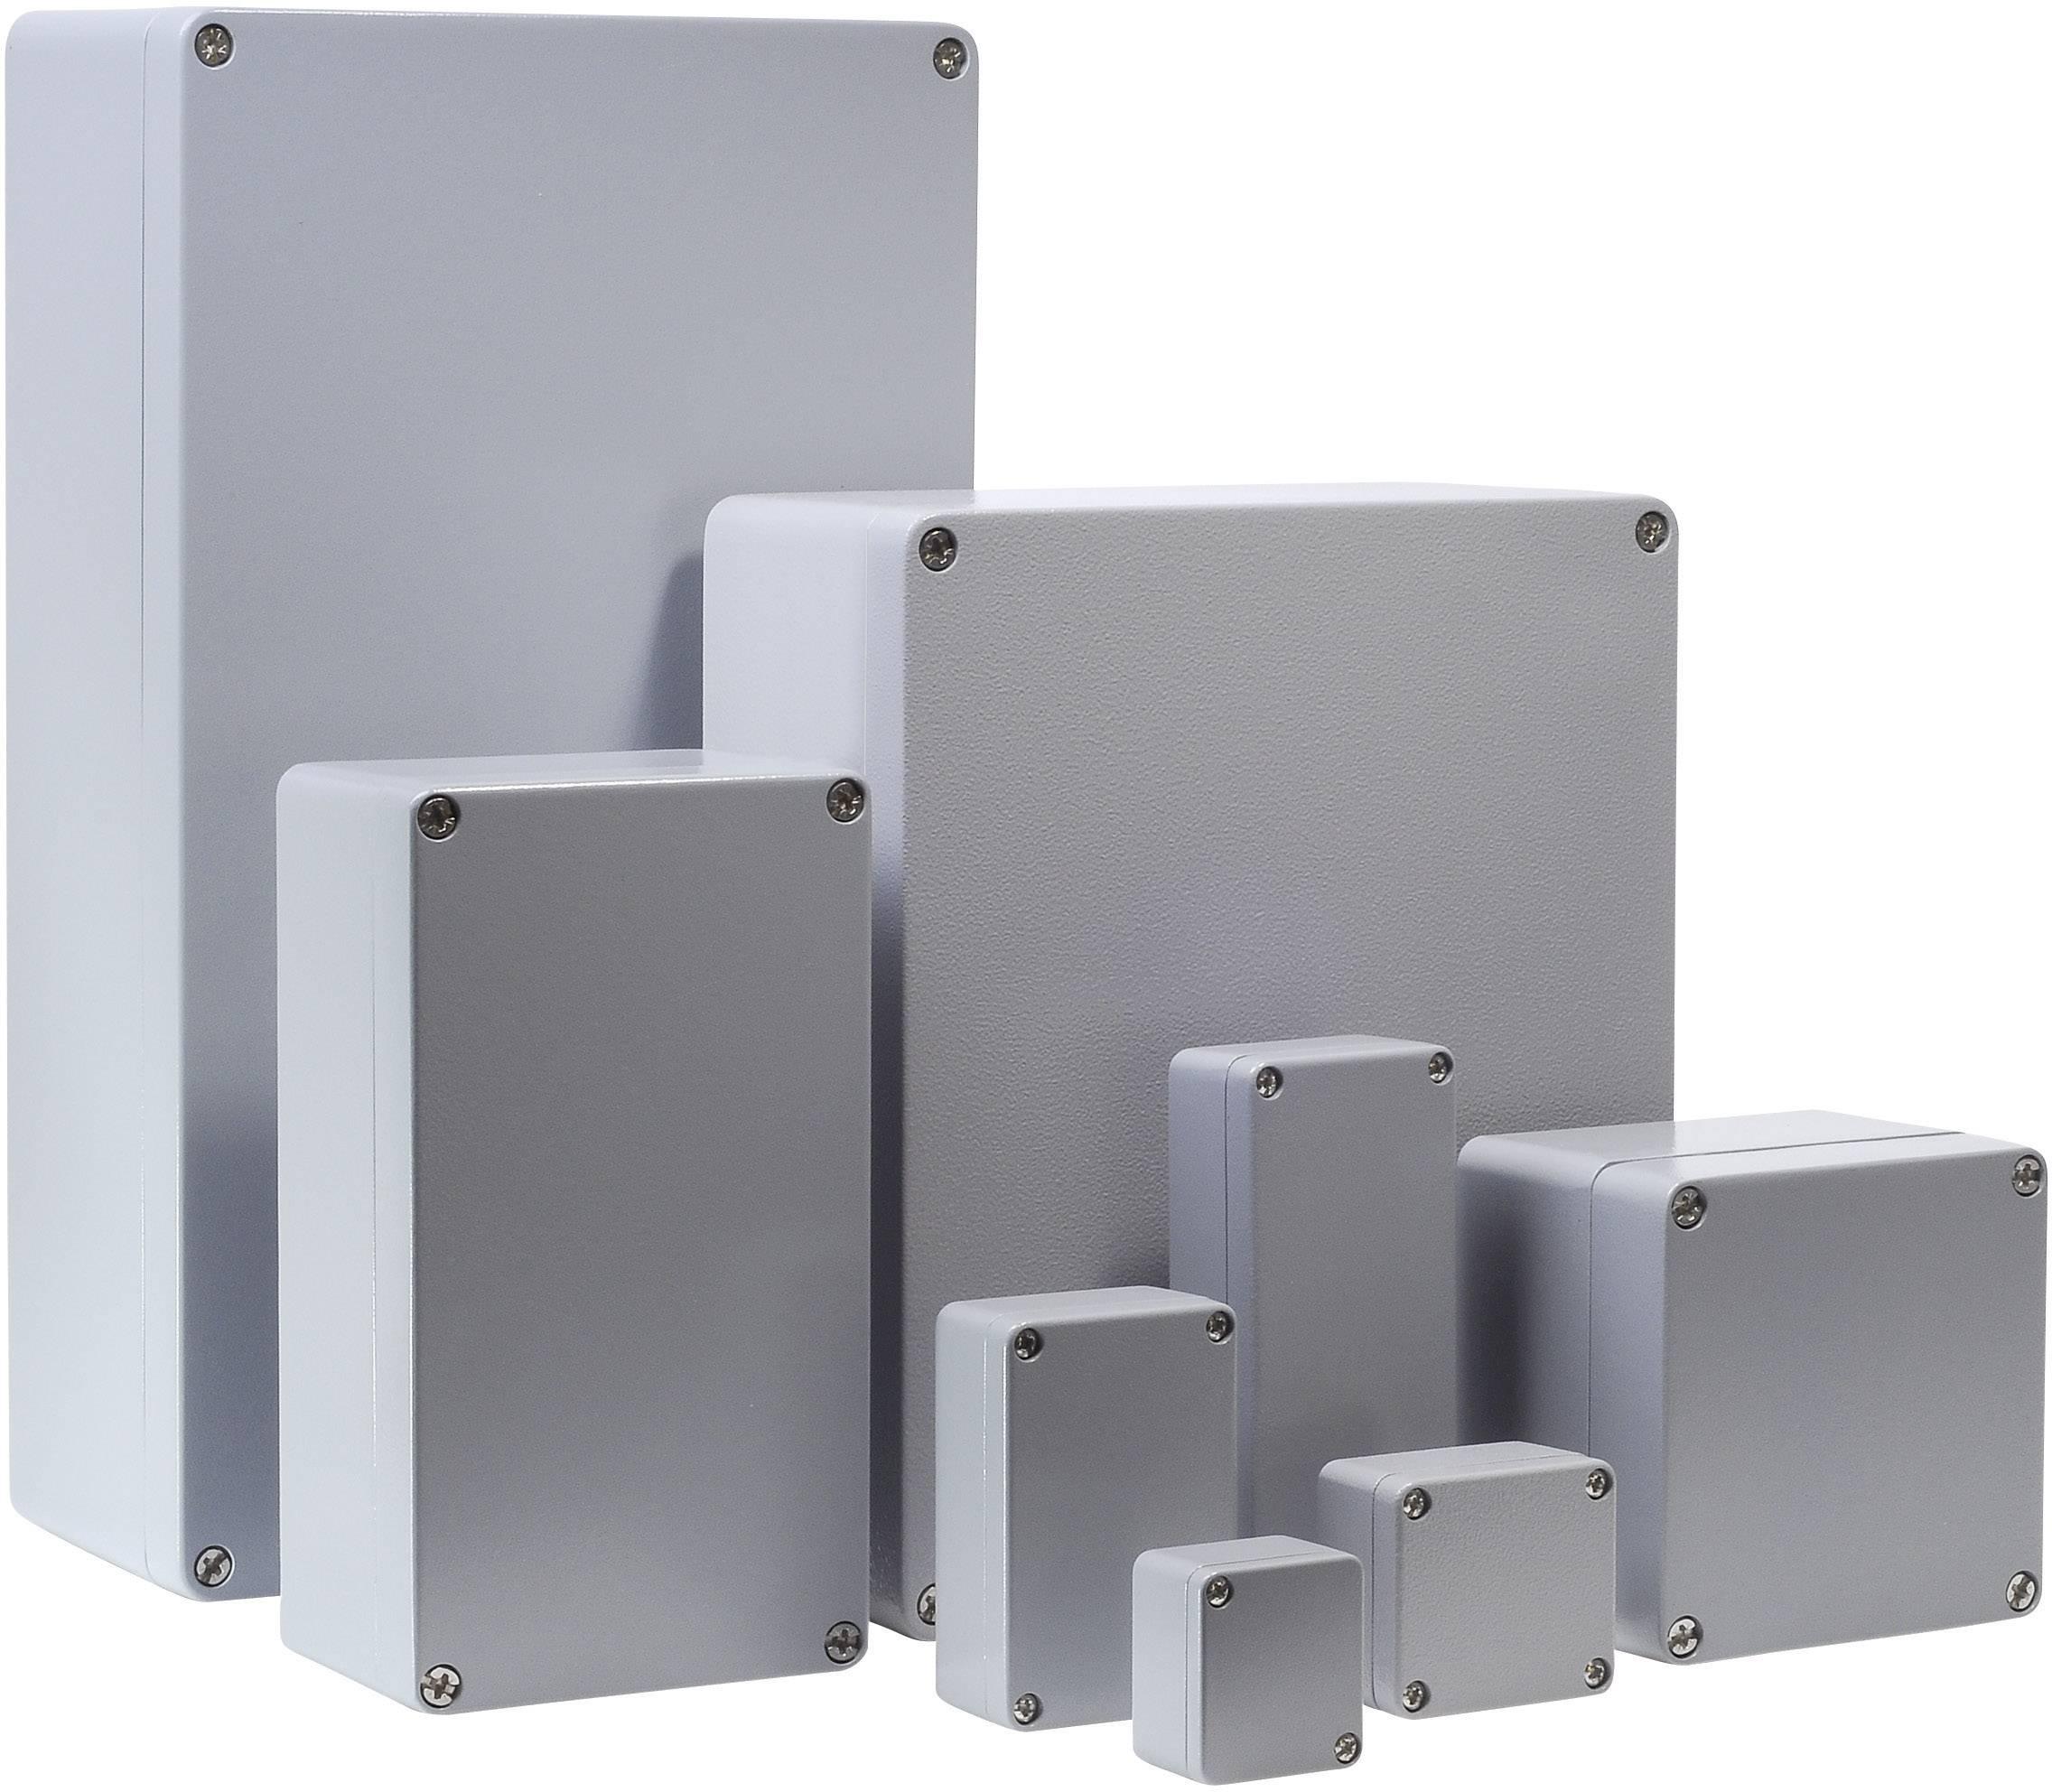 Univerzální pouzdro hliníkové Bernstein AG CA-270, (d x š x v) 160 x 160 x 90 mm, stříbrná